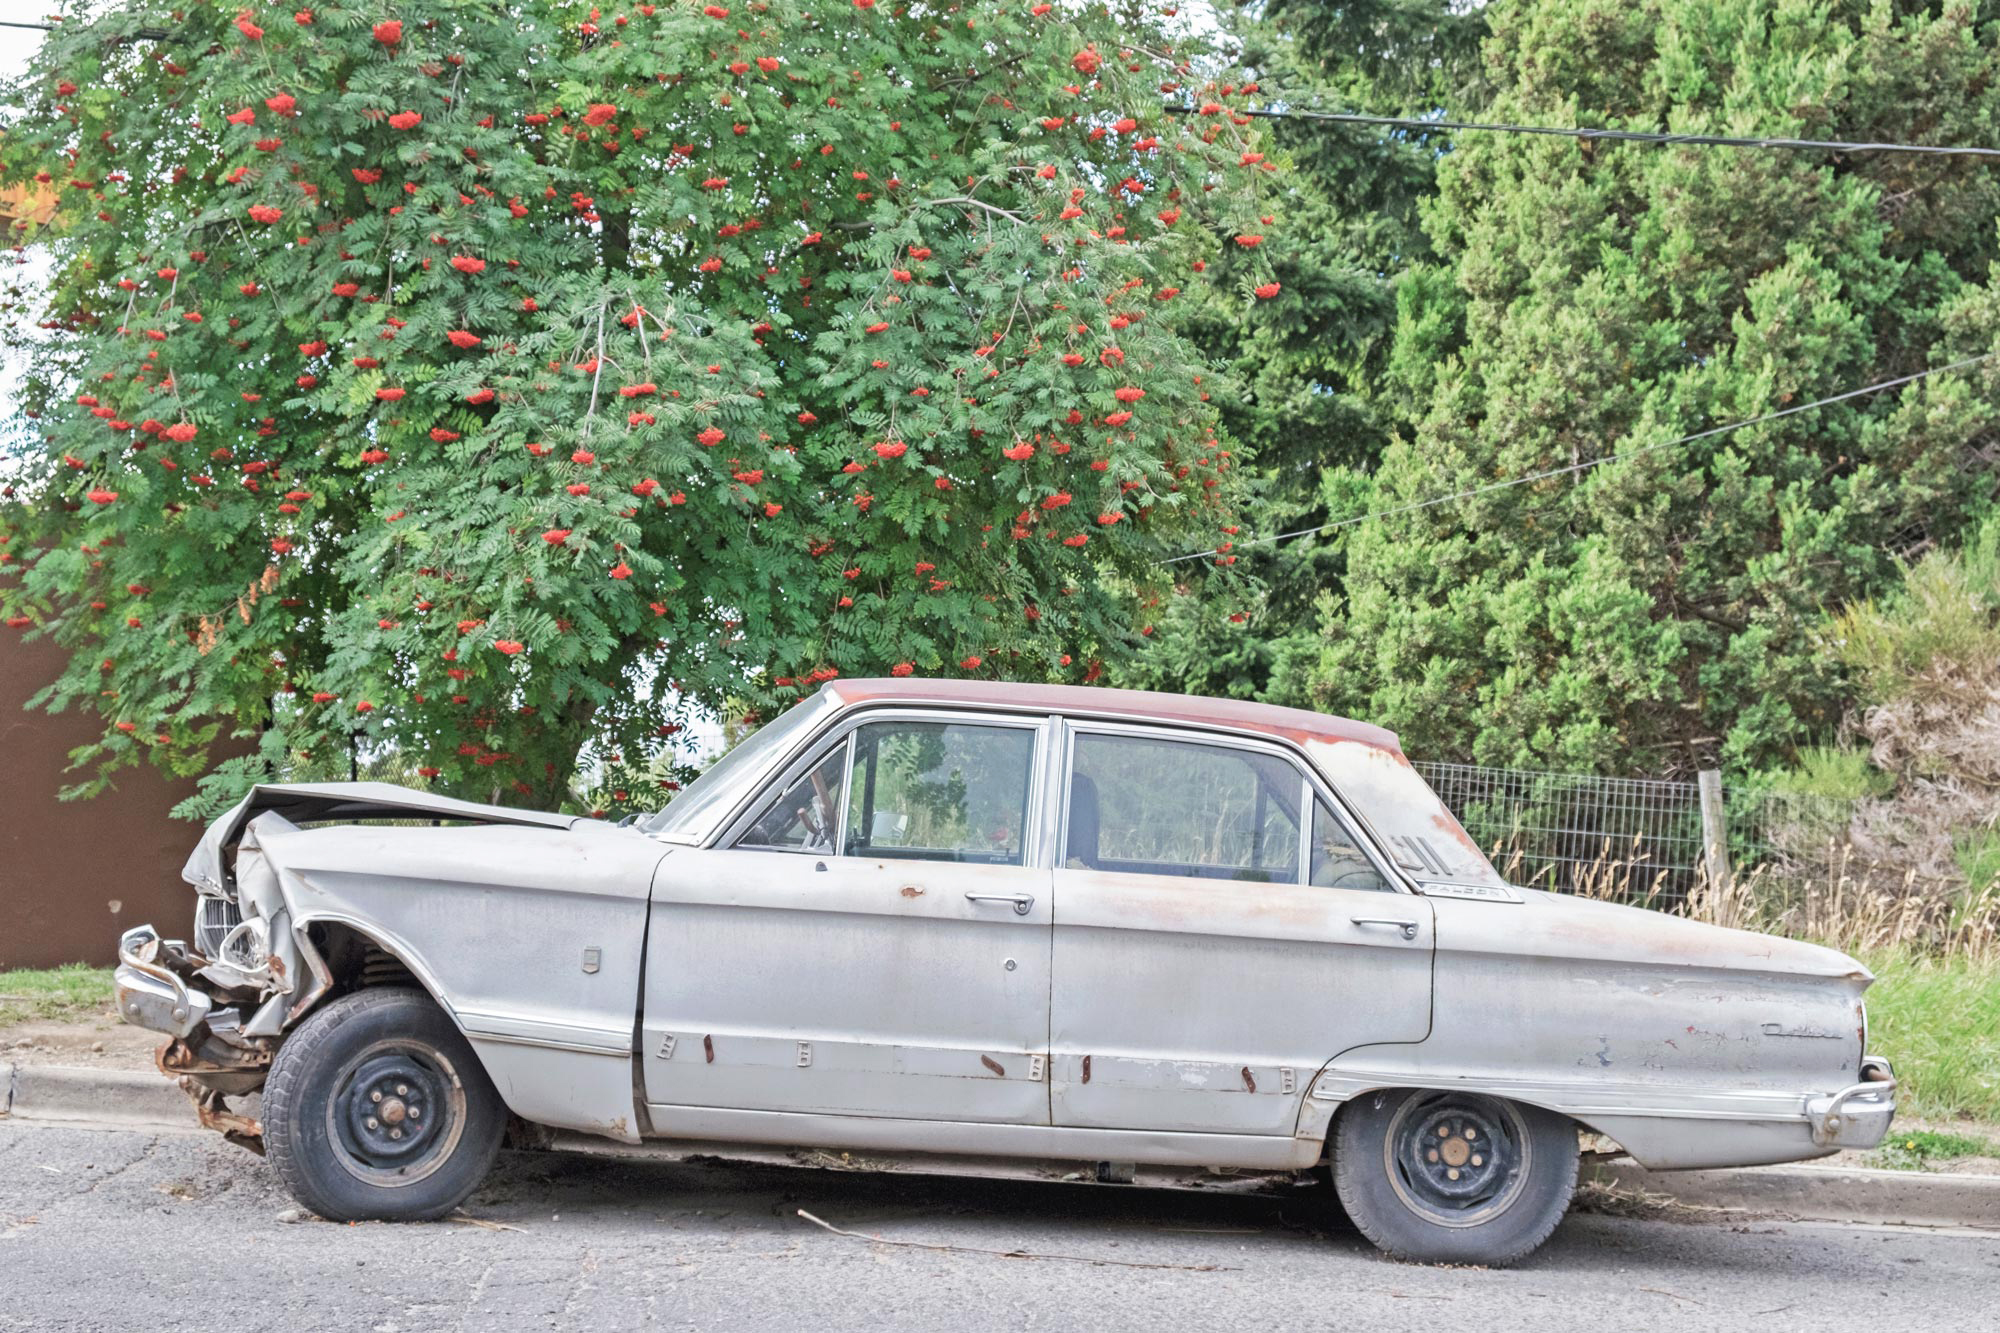 Ford-Falcon-smashed-Belgrano-Bariloche-Argentina.jpg